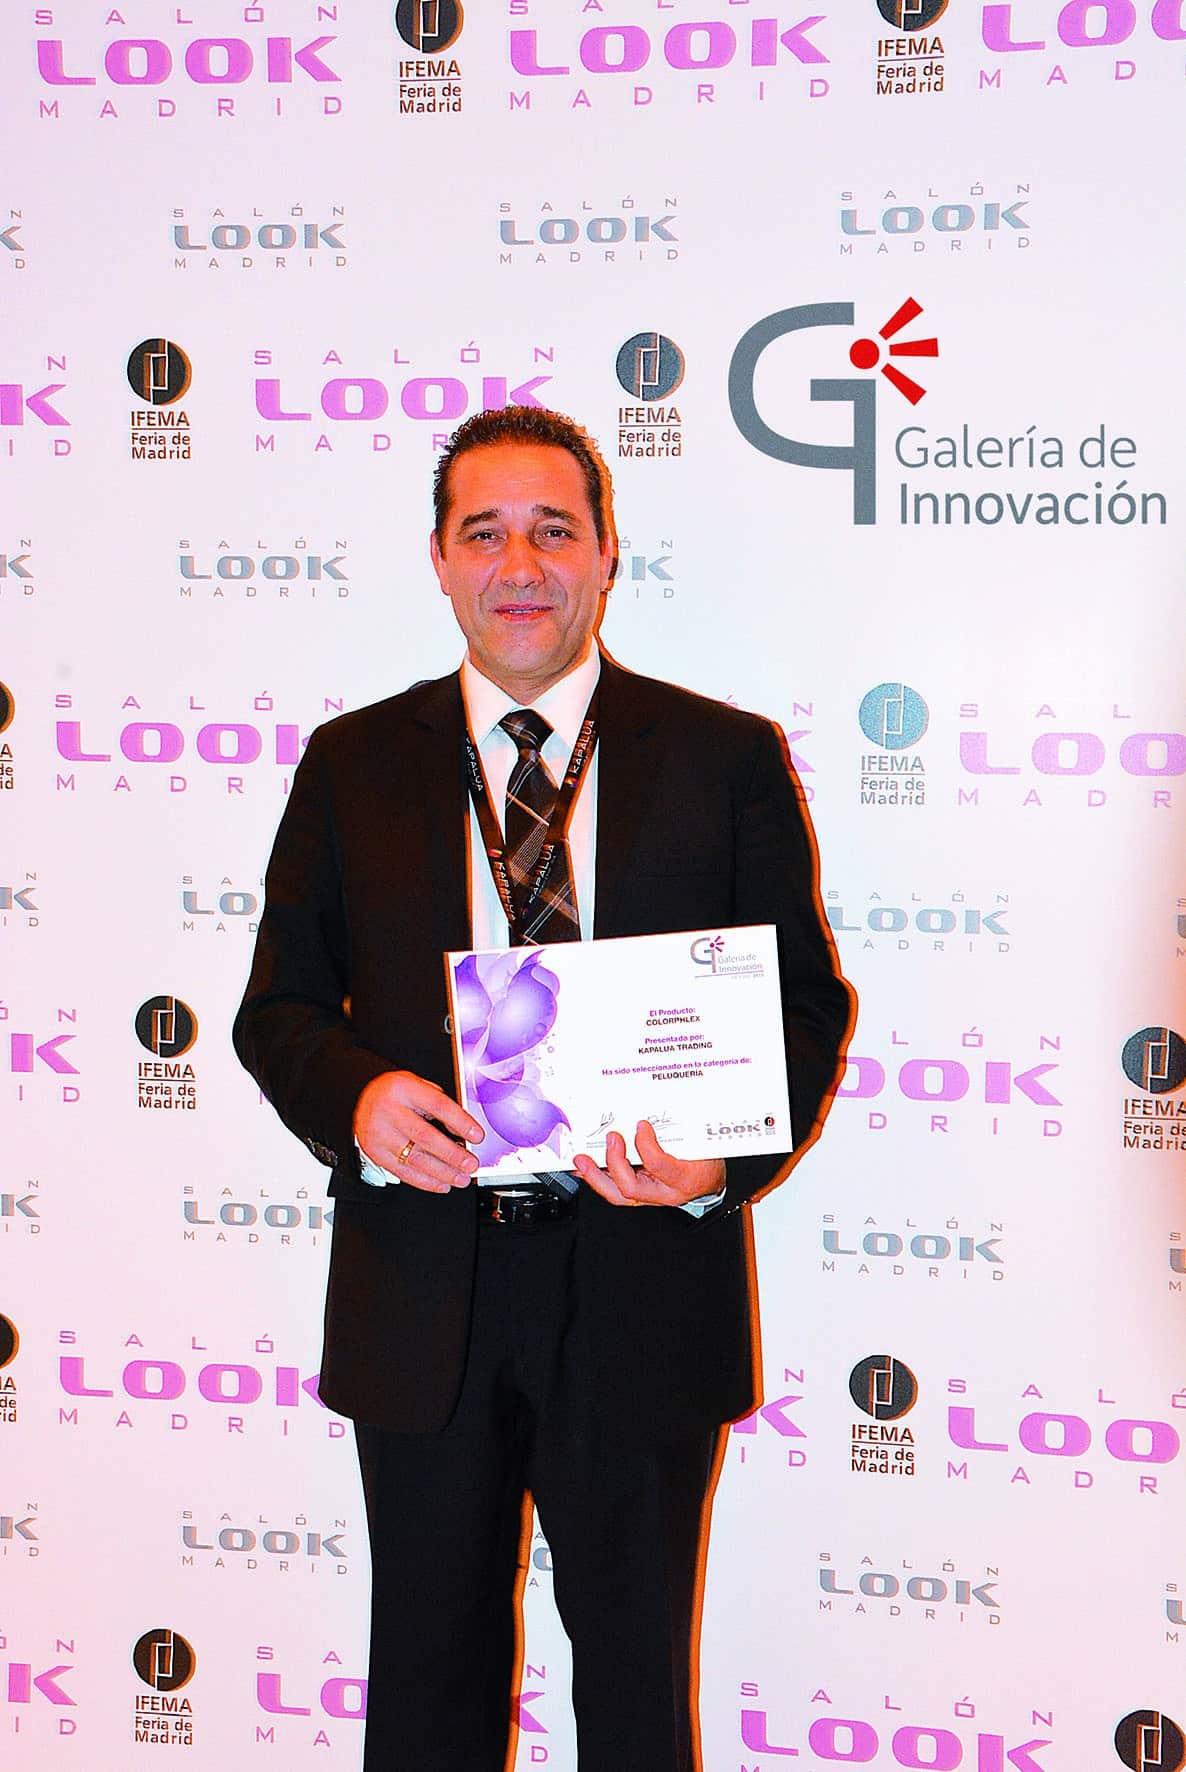 José Luis García- galeria de la innovación